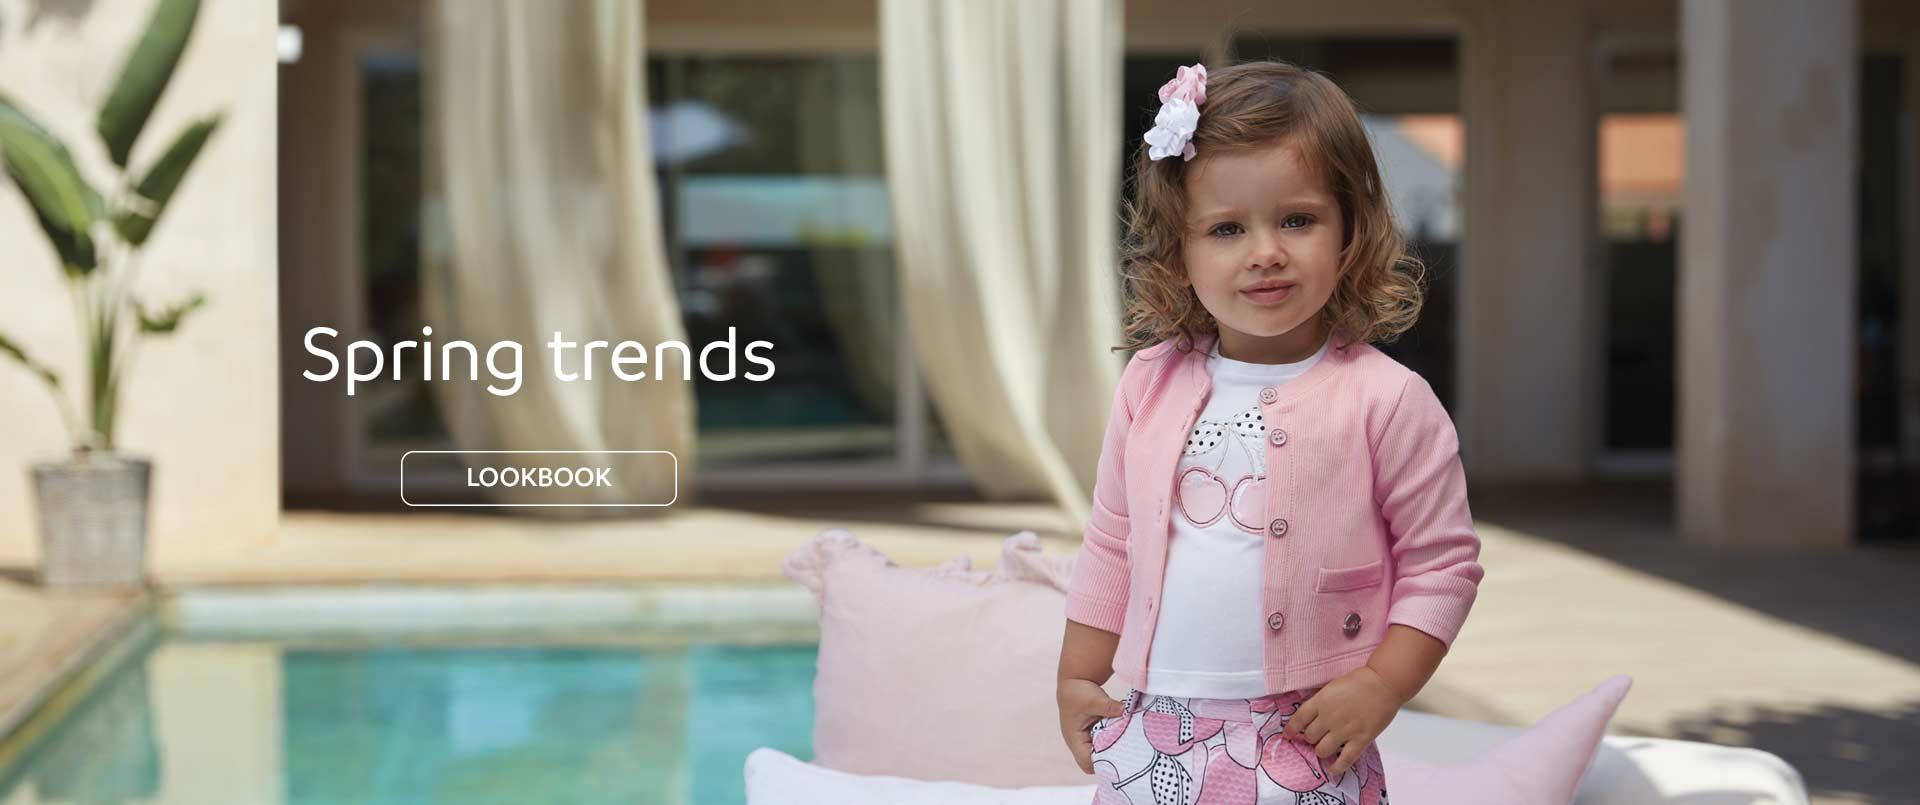 Dziewczynka w ubrankach marki Mayoral